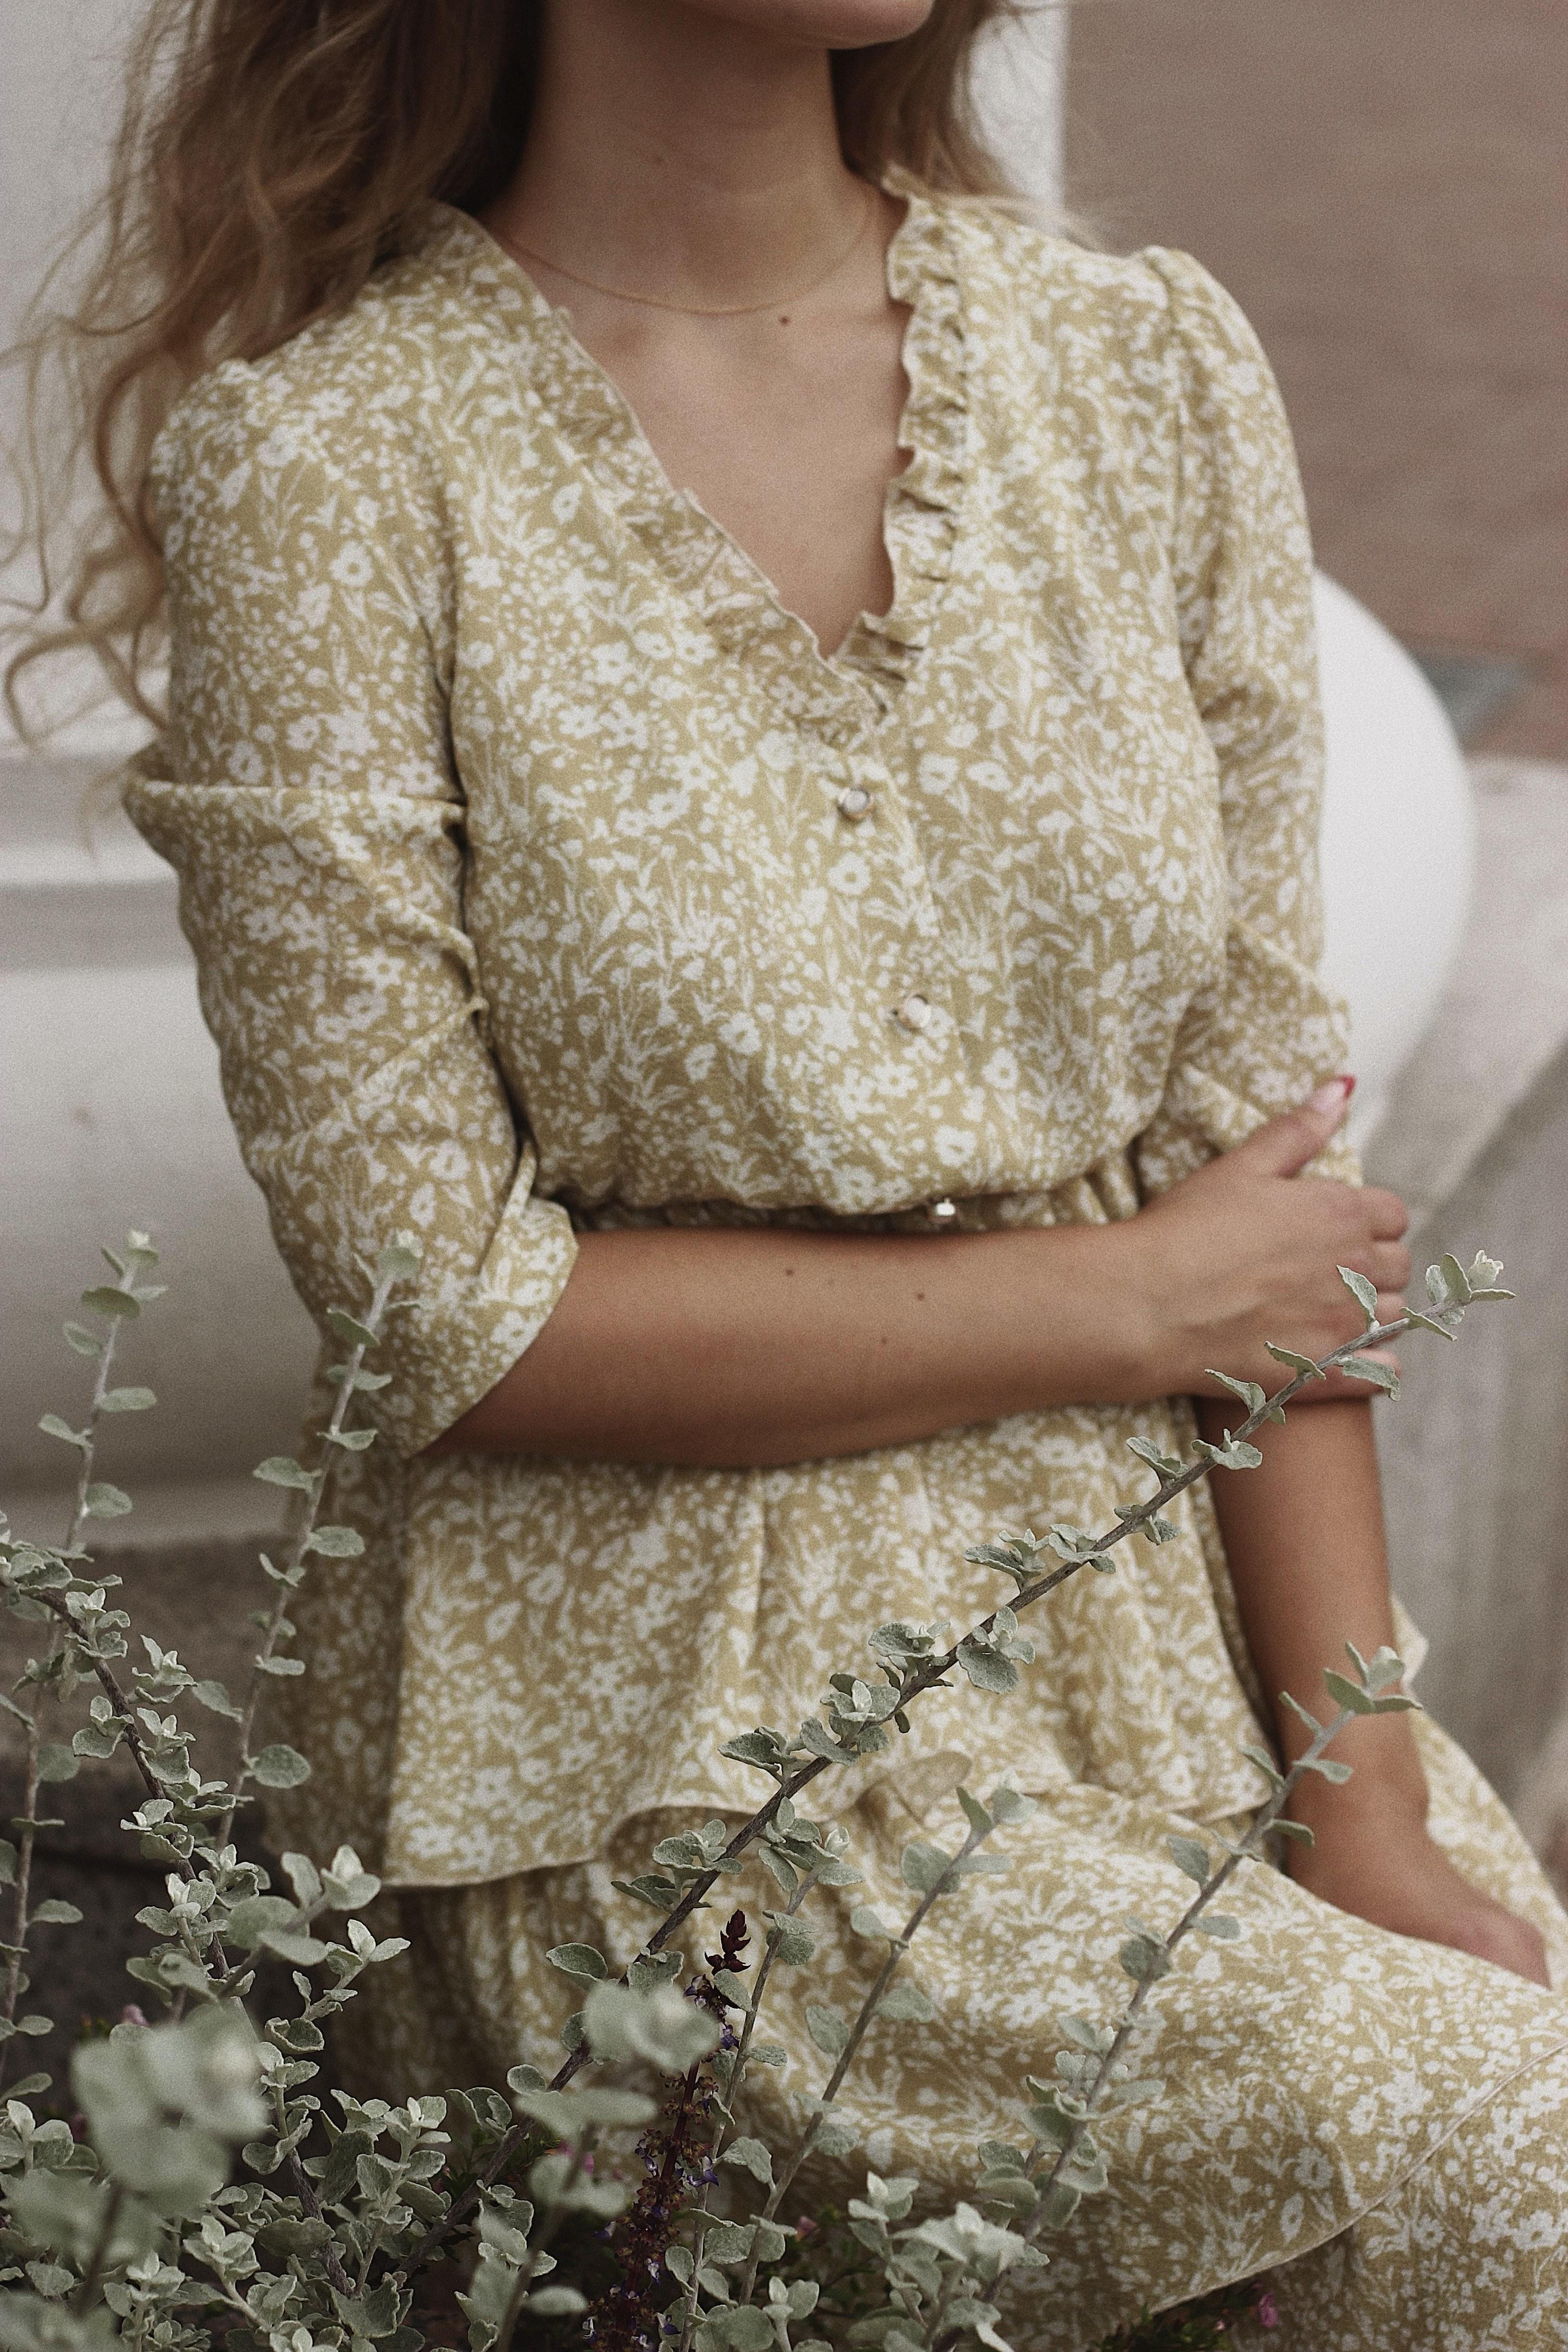 فستان مطبع بصيحة الكشكش يناسب إطلالتك النهارية- مصدر الصور موقع بيكسيلز